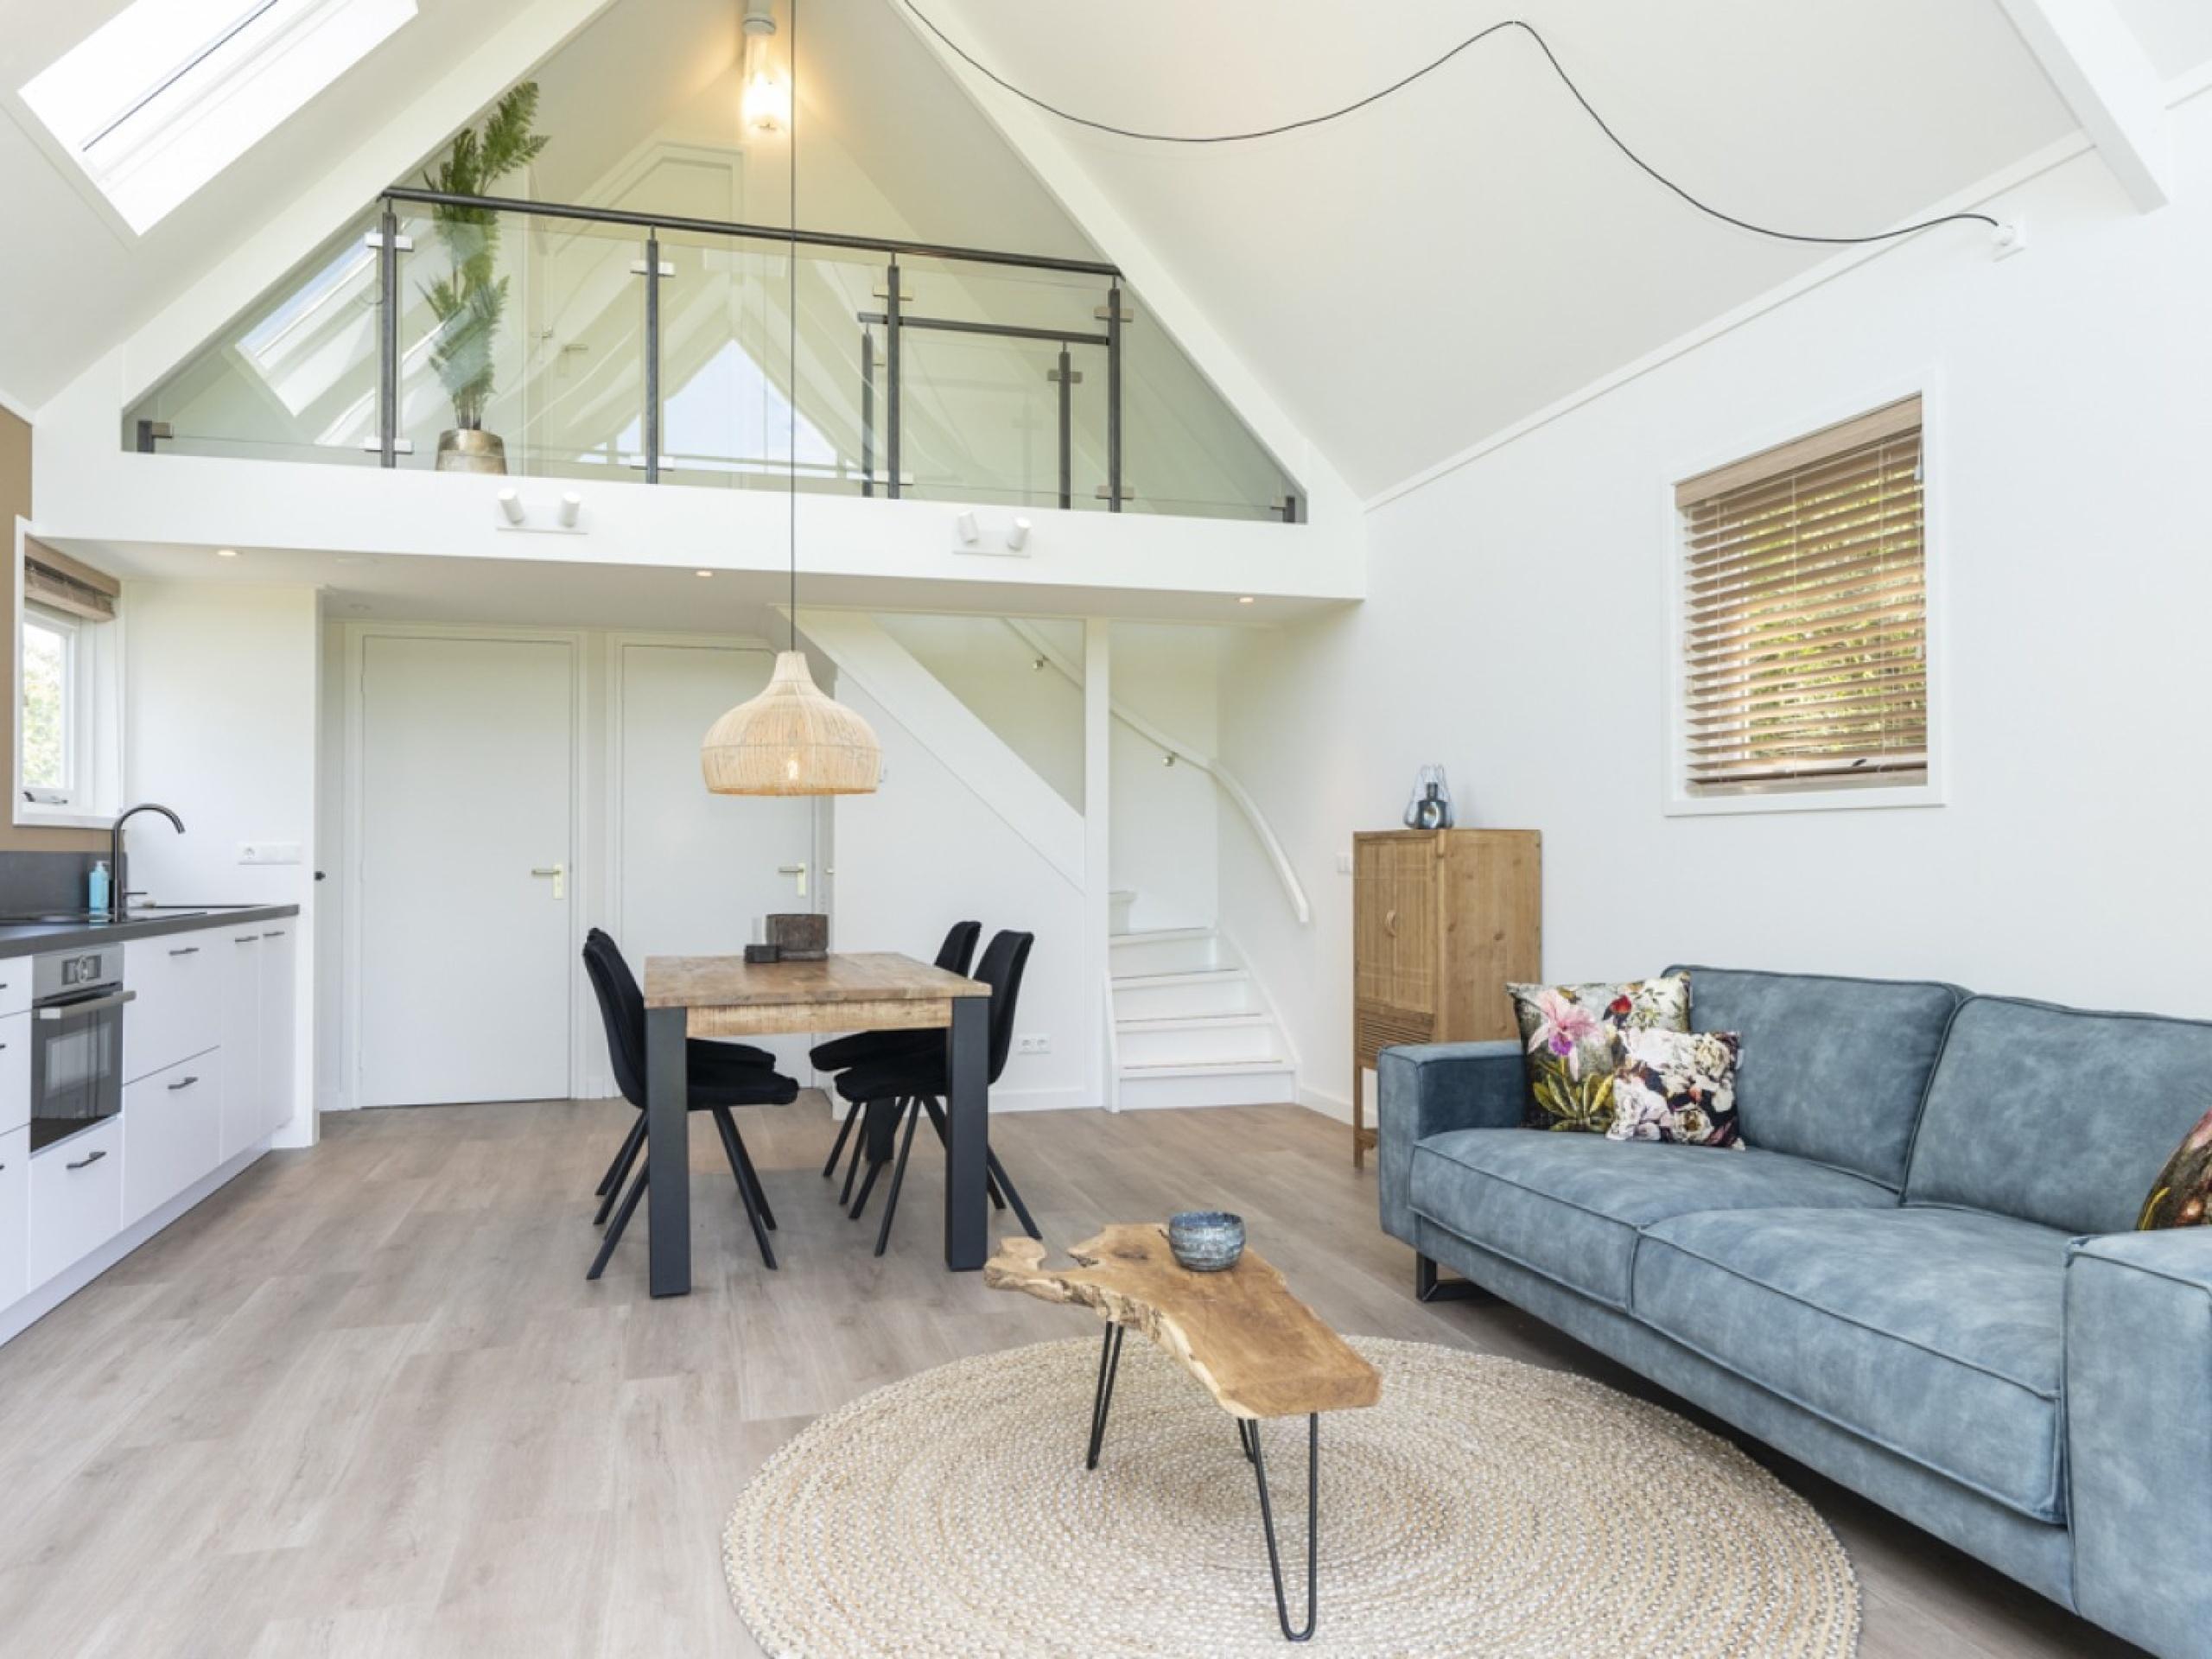 Freistehendes, komplett renoviertes Ferienhaus, ruhig etwas außerhalb von De Cocksdorp gelegen